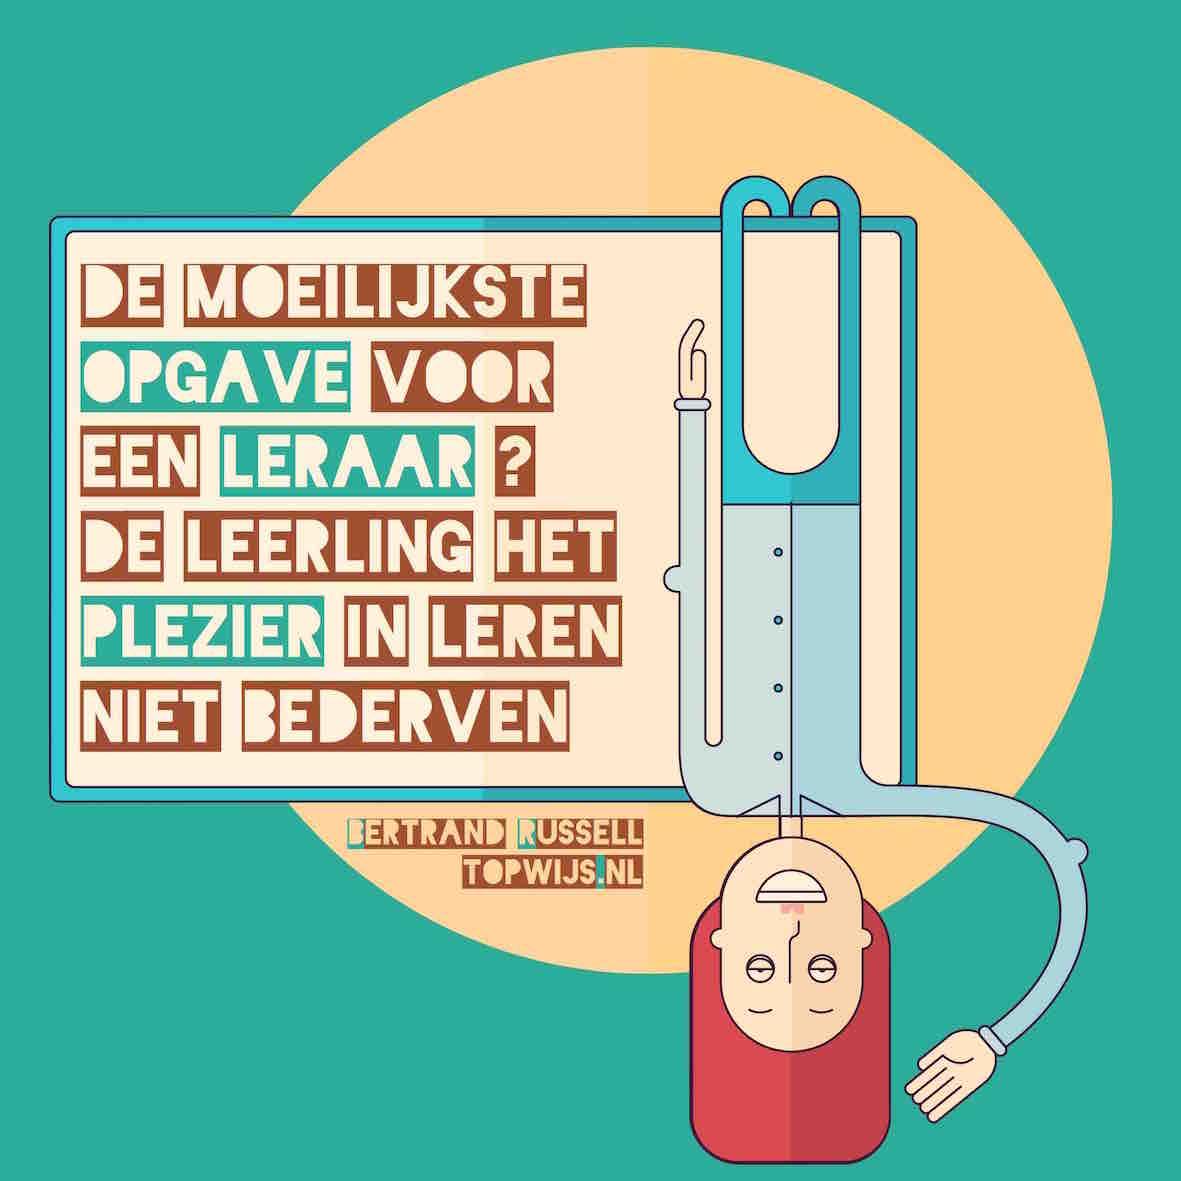 Bertrand Russell: De moeilijkste opgave voor een leraar? De leerling het plezier in leren niet bederven (Niet alleen de moeilijkste opgave, maar een een erg mooie opgave!)